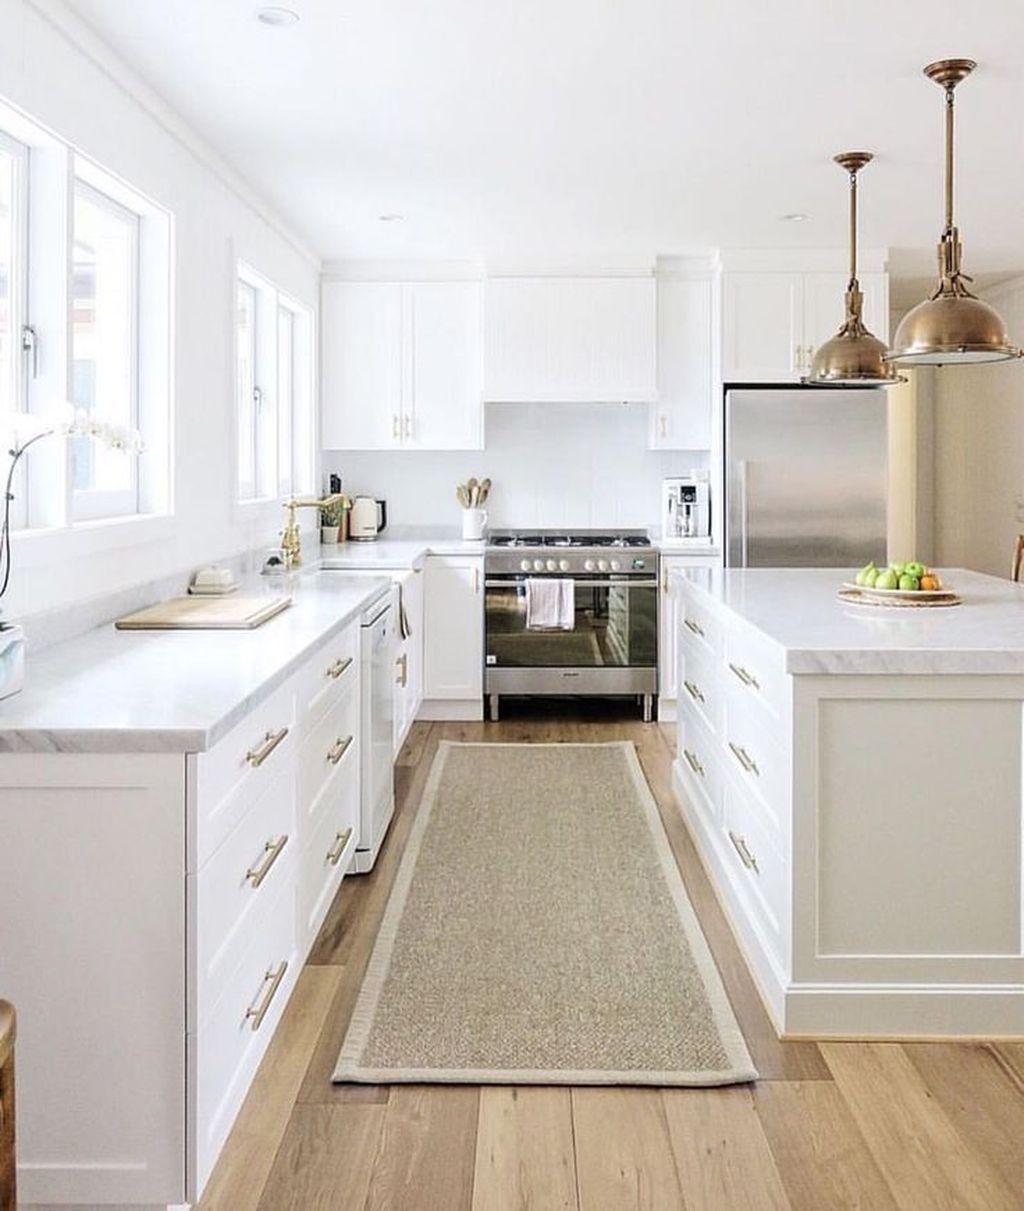 inspiring the best kitchen design ideas kitchen ideas